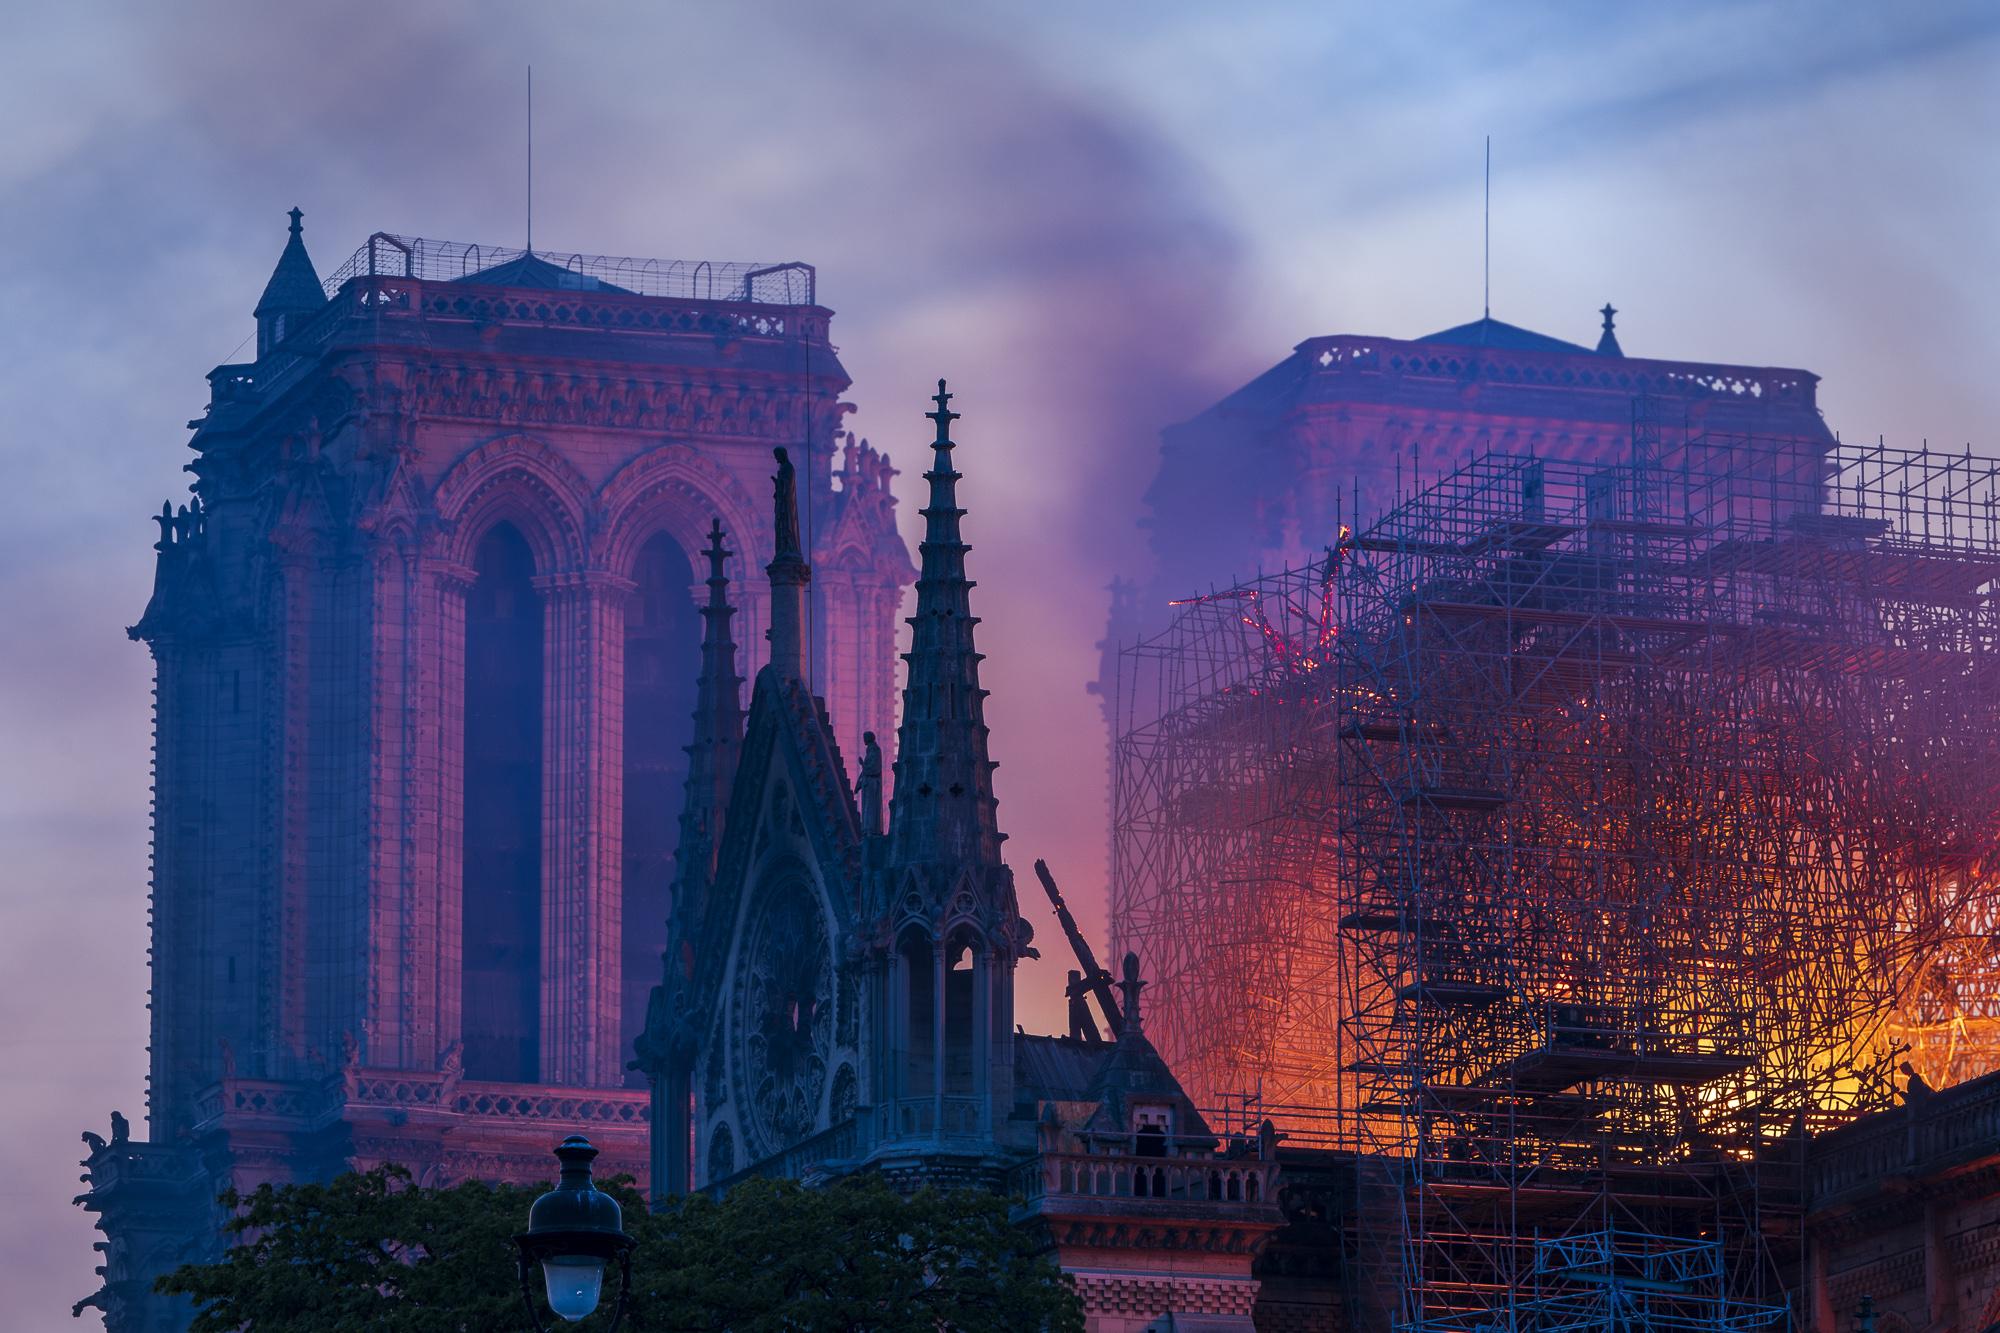 Notre Dame Fire 15/April/2019  PHOTOGRAPHY: ALEXANDER J.E. BRADLEY • NIKON D500 • AF-S NIKKOR 70-200MM Ƒ/2.8 FL ED VR @150MM • Ƒ/11 • 3 sec • ISO 50